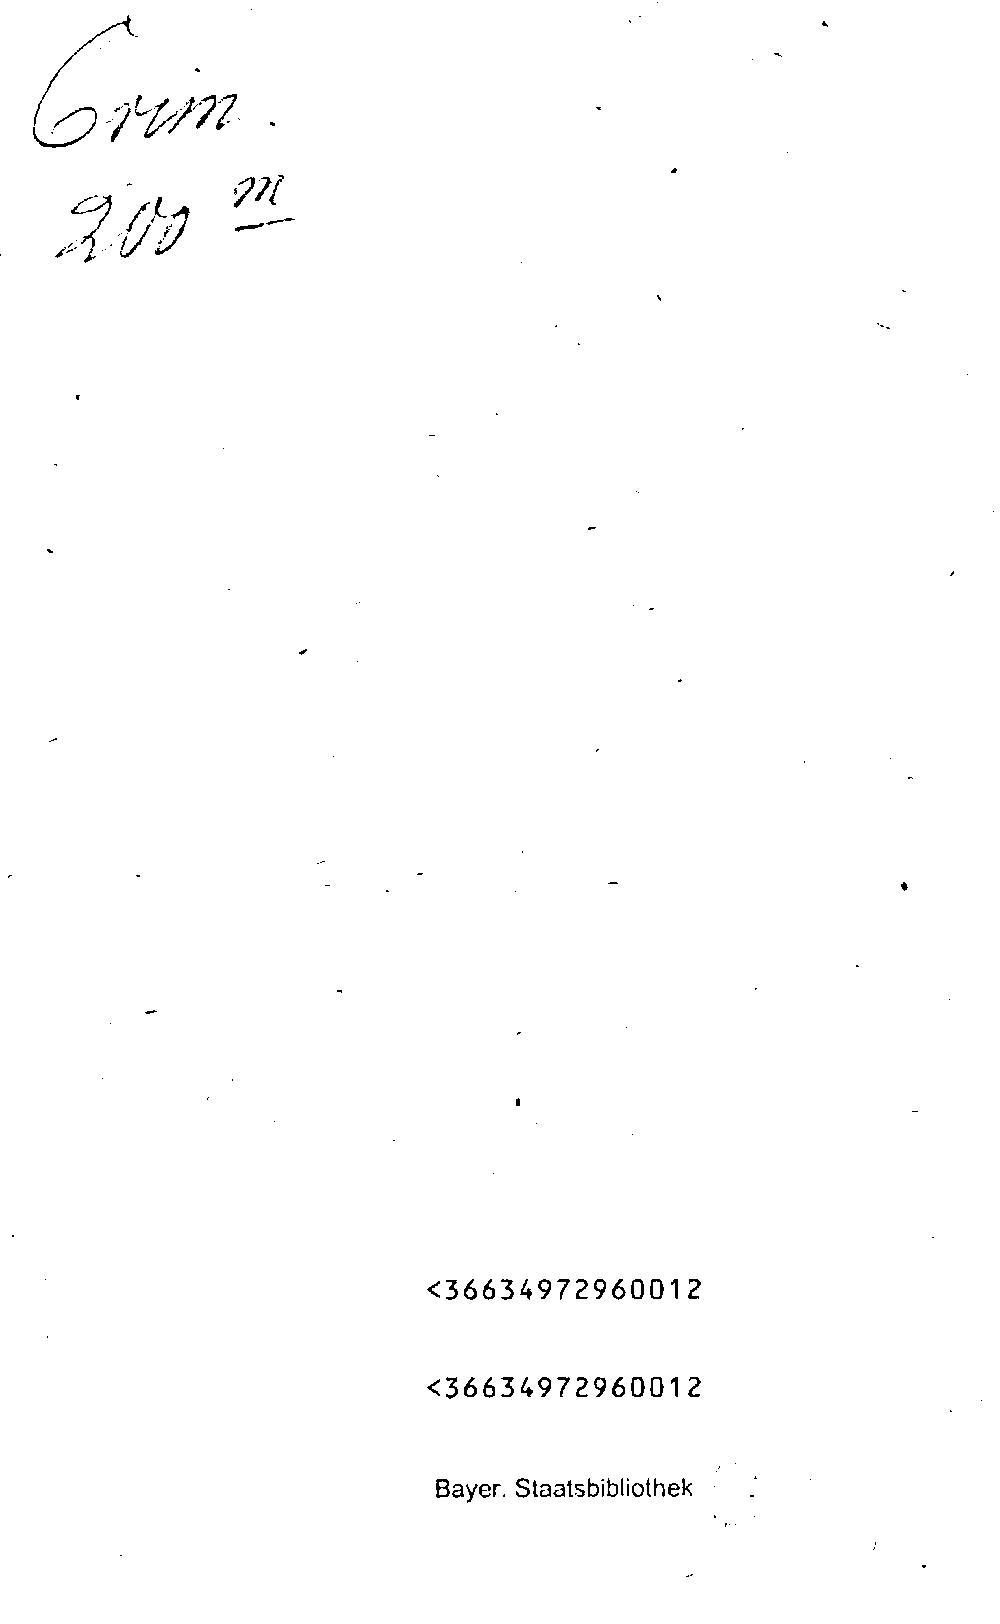 bsb00016655_00001.jpg